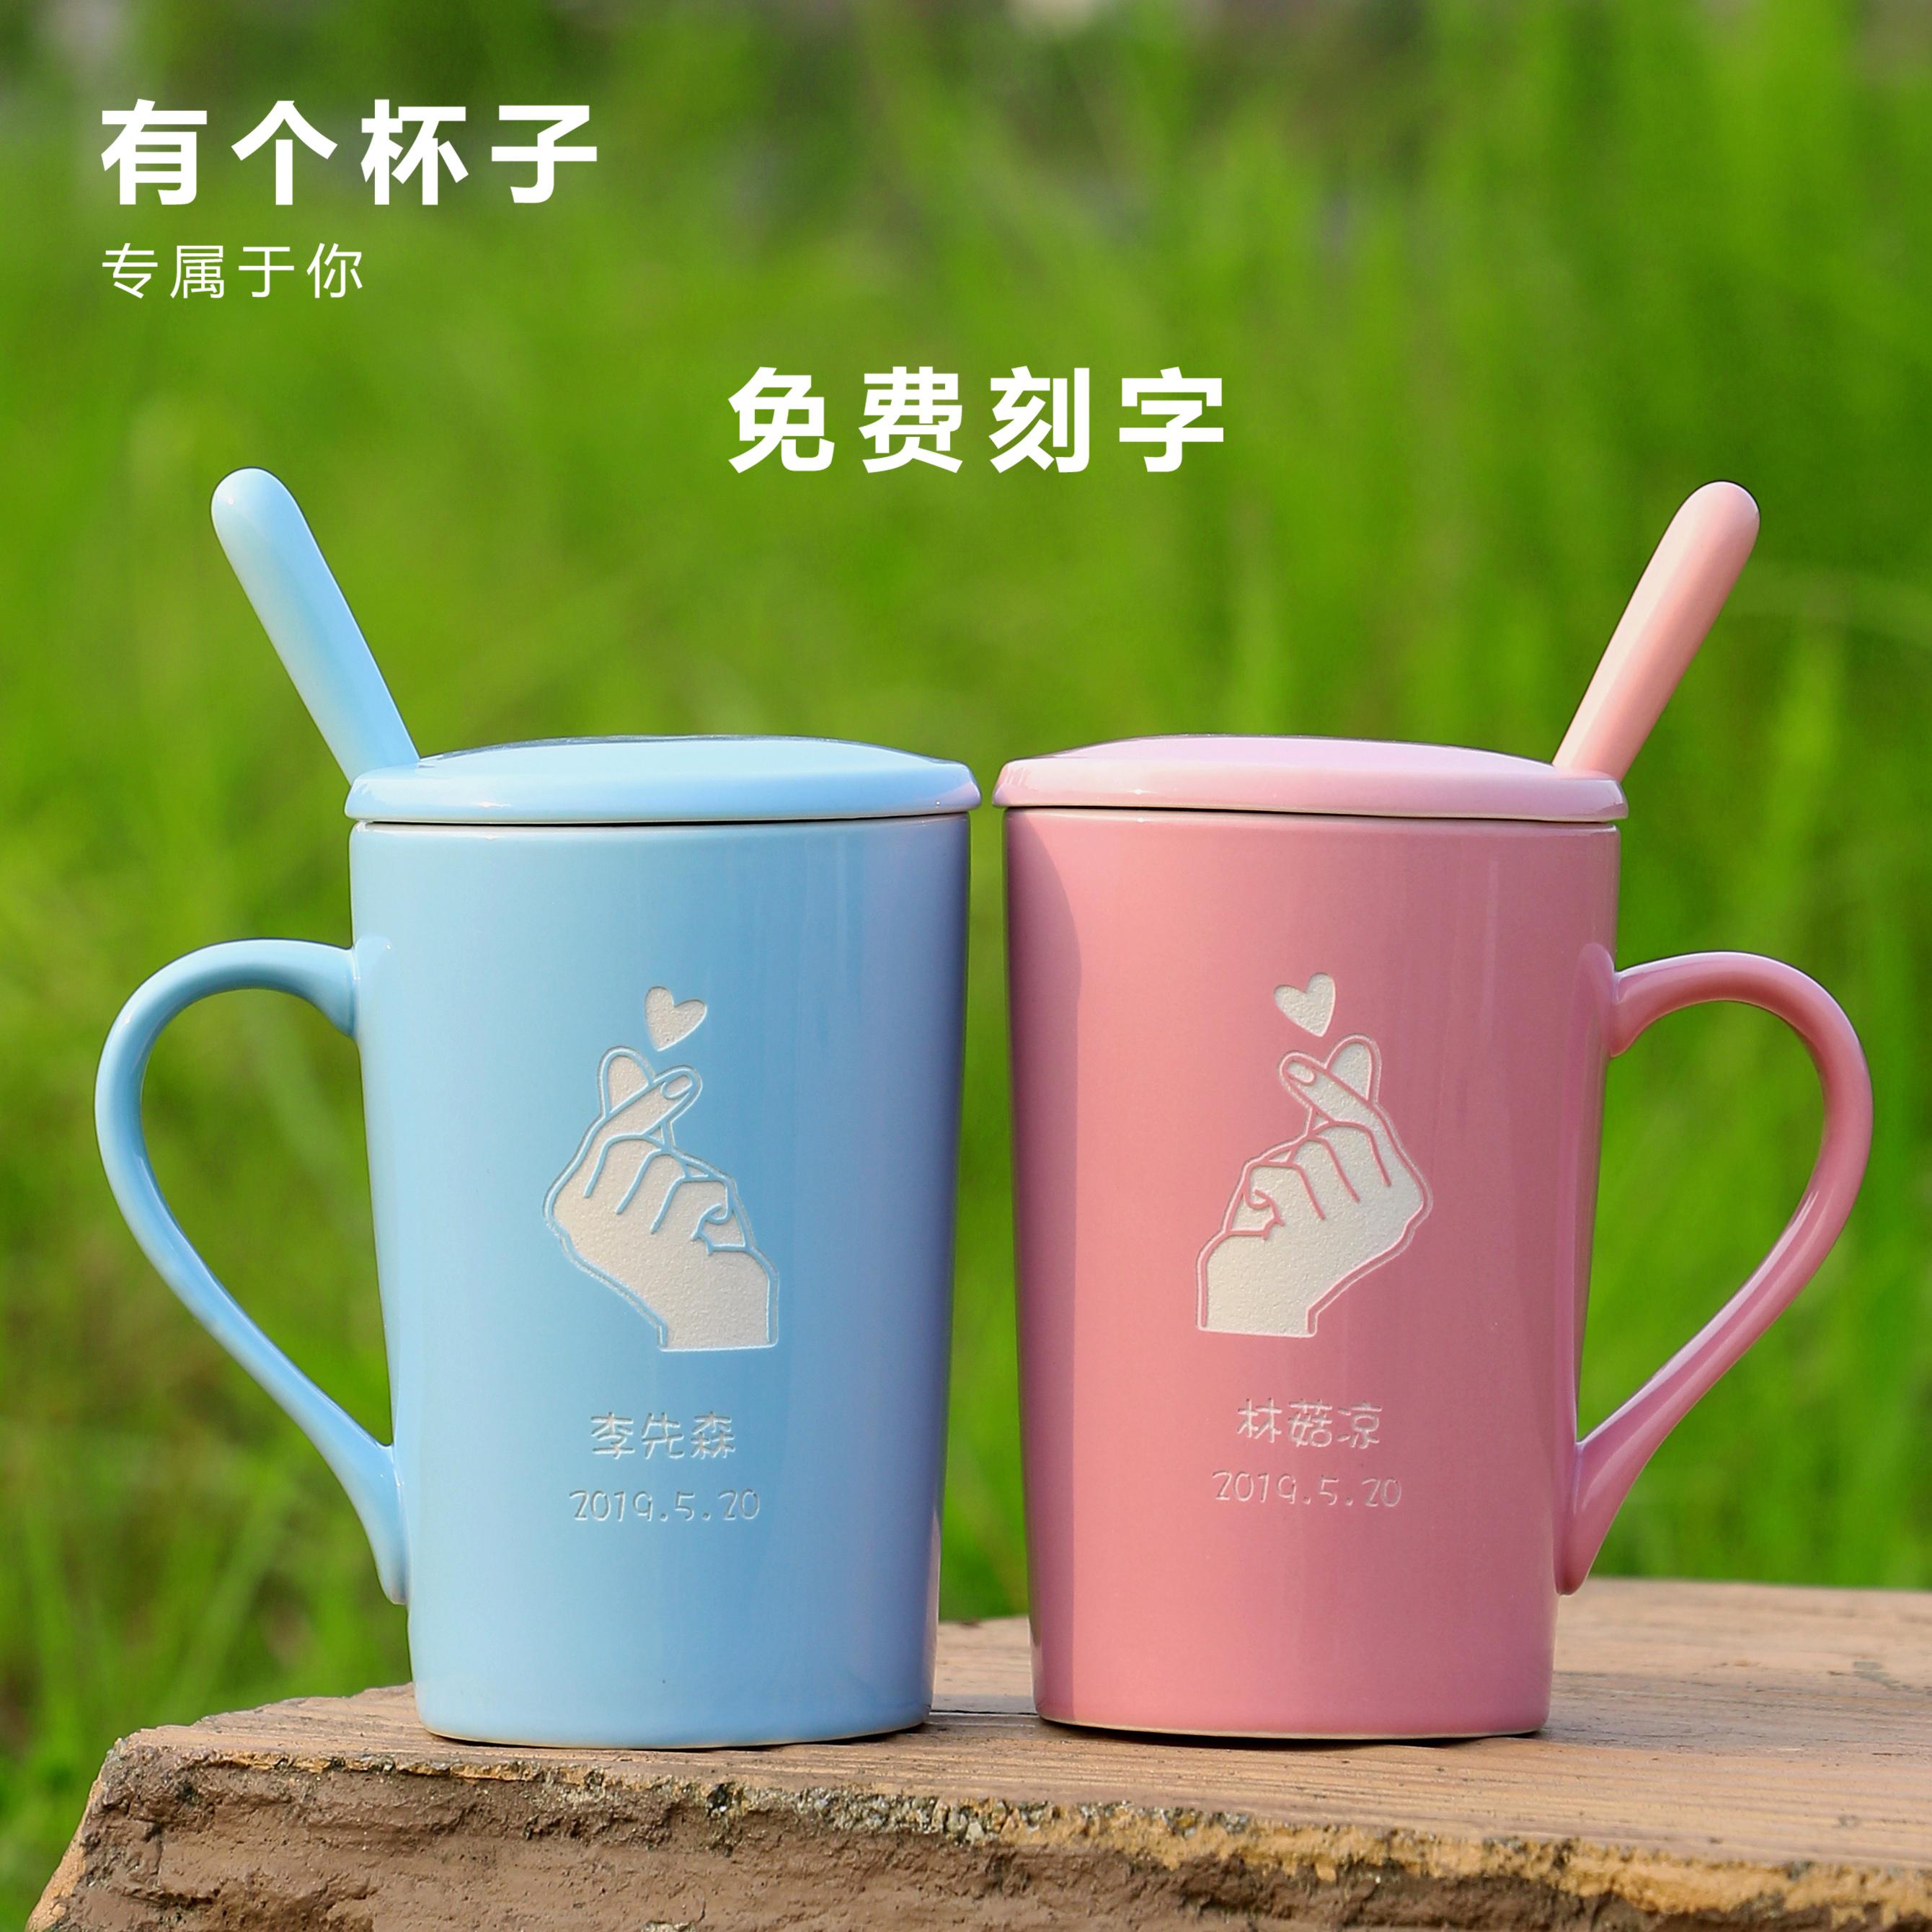 券后36.90元马克杯创意陶瓷杯子男女情侣款一对结婚咖啡杯定制刻字水杯带盖勺